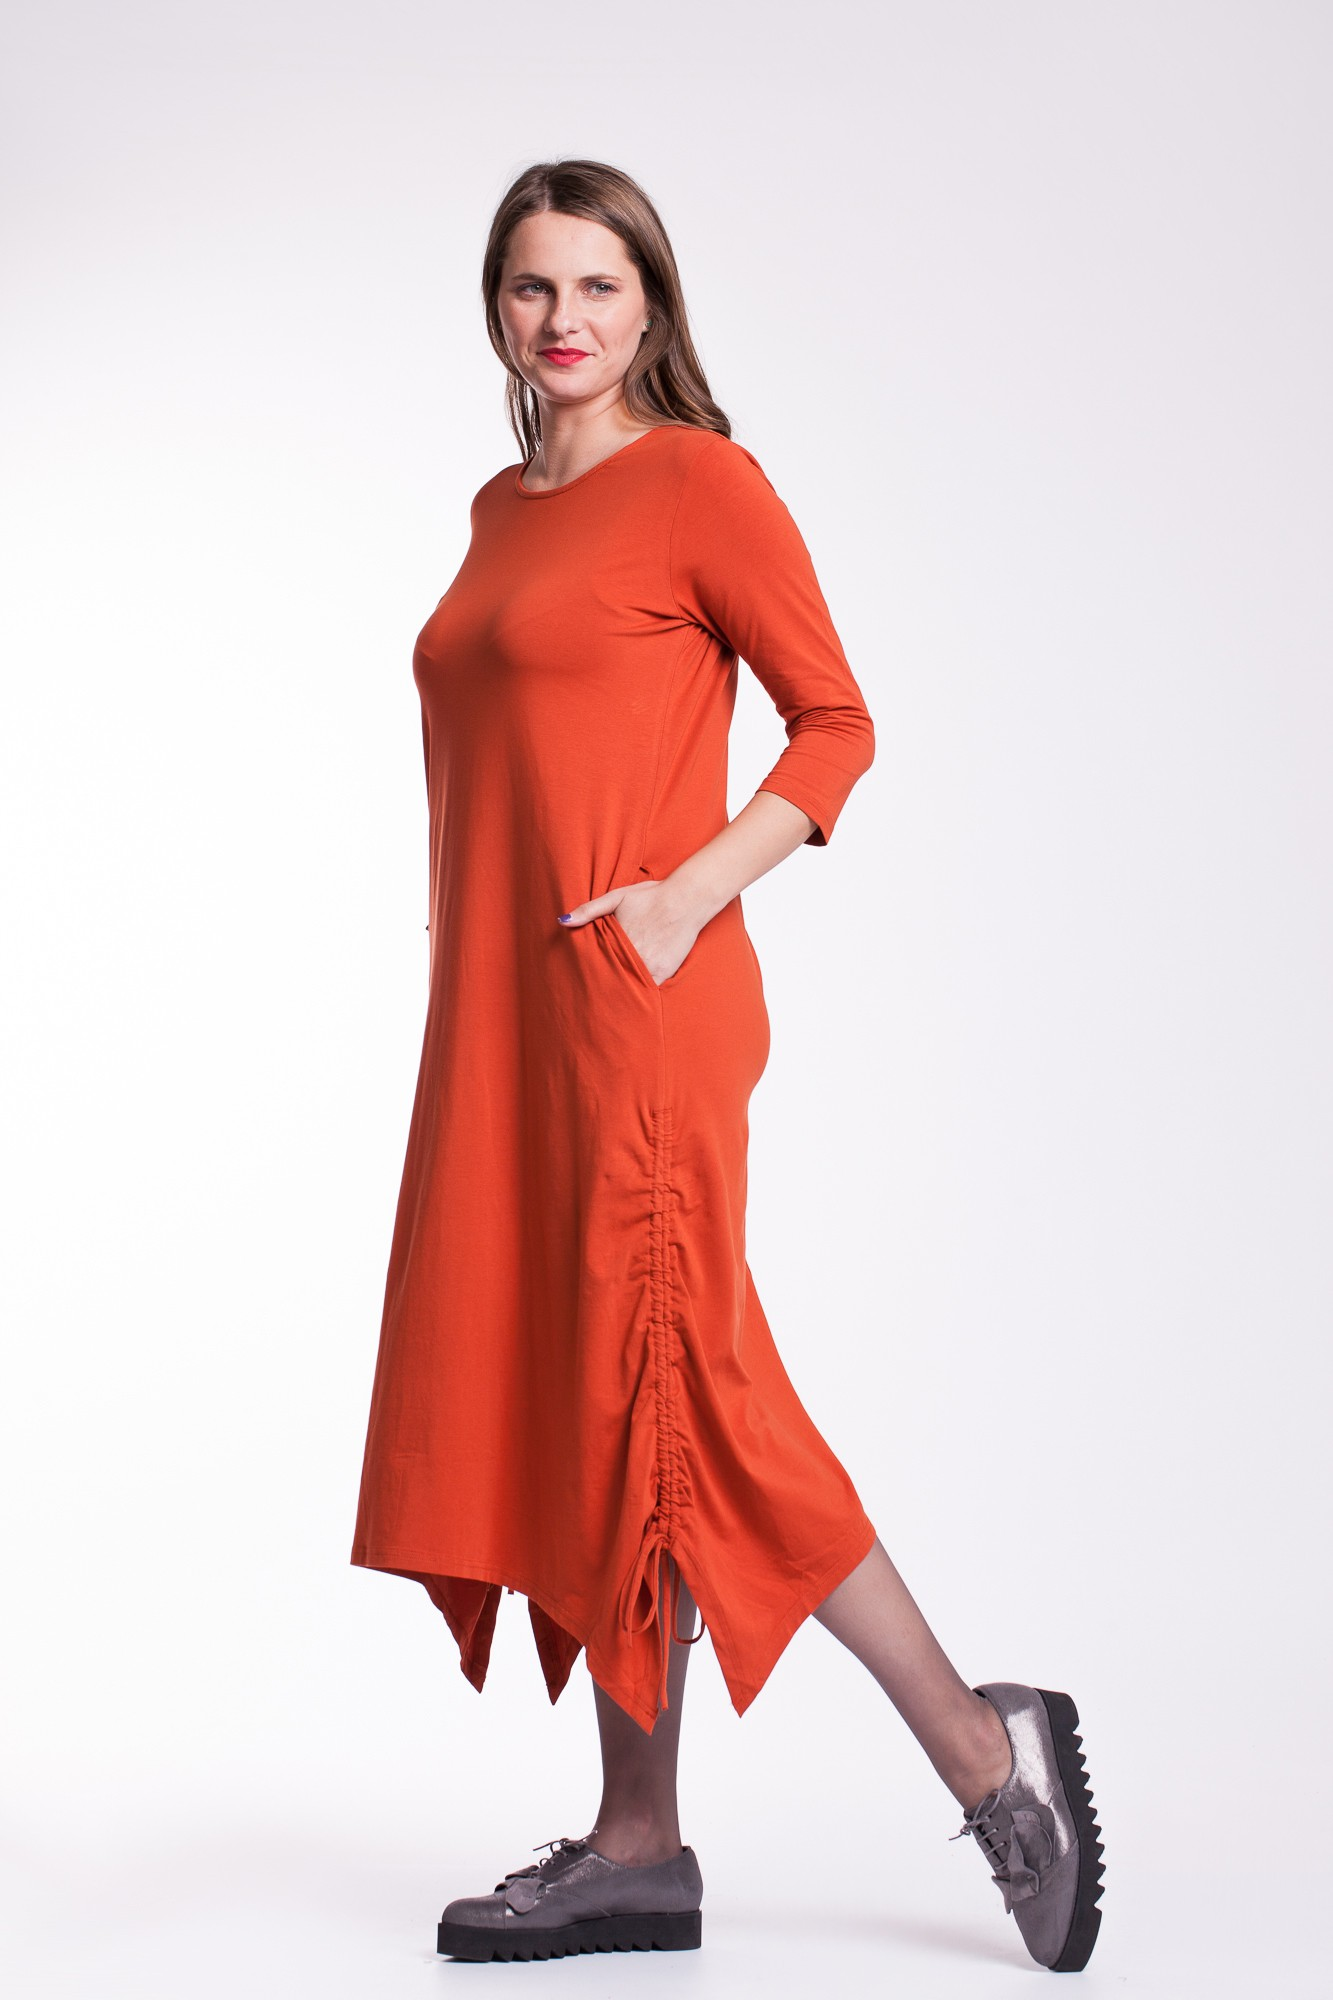 Rochie fronsata portocalie  Ela cu snururi laterale din bumbac organic